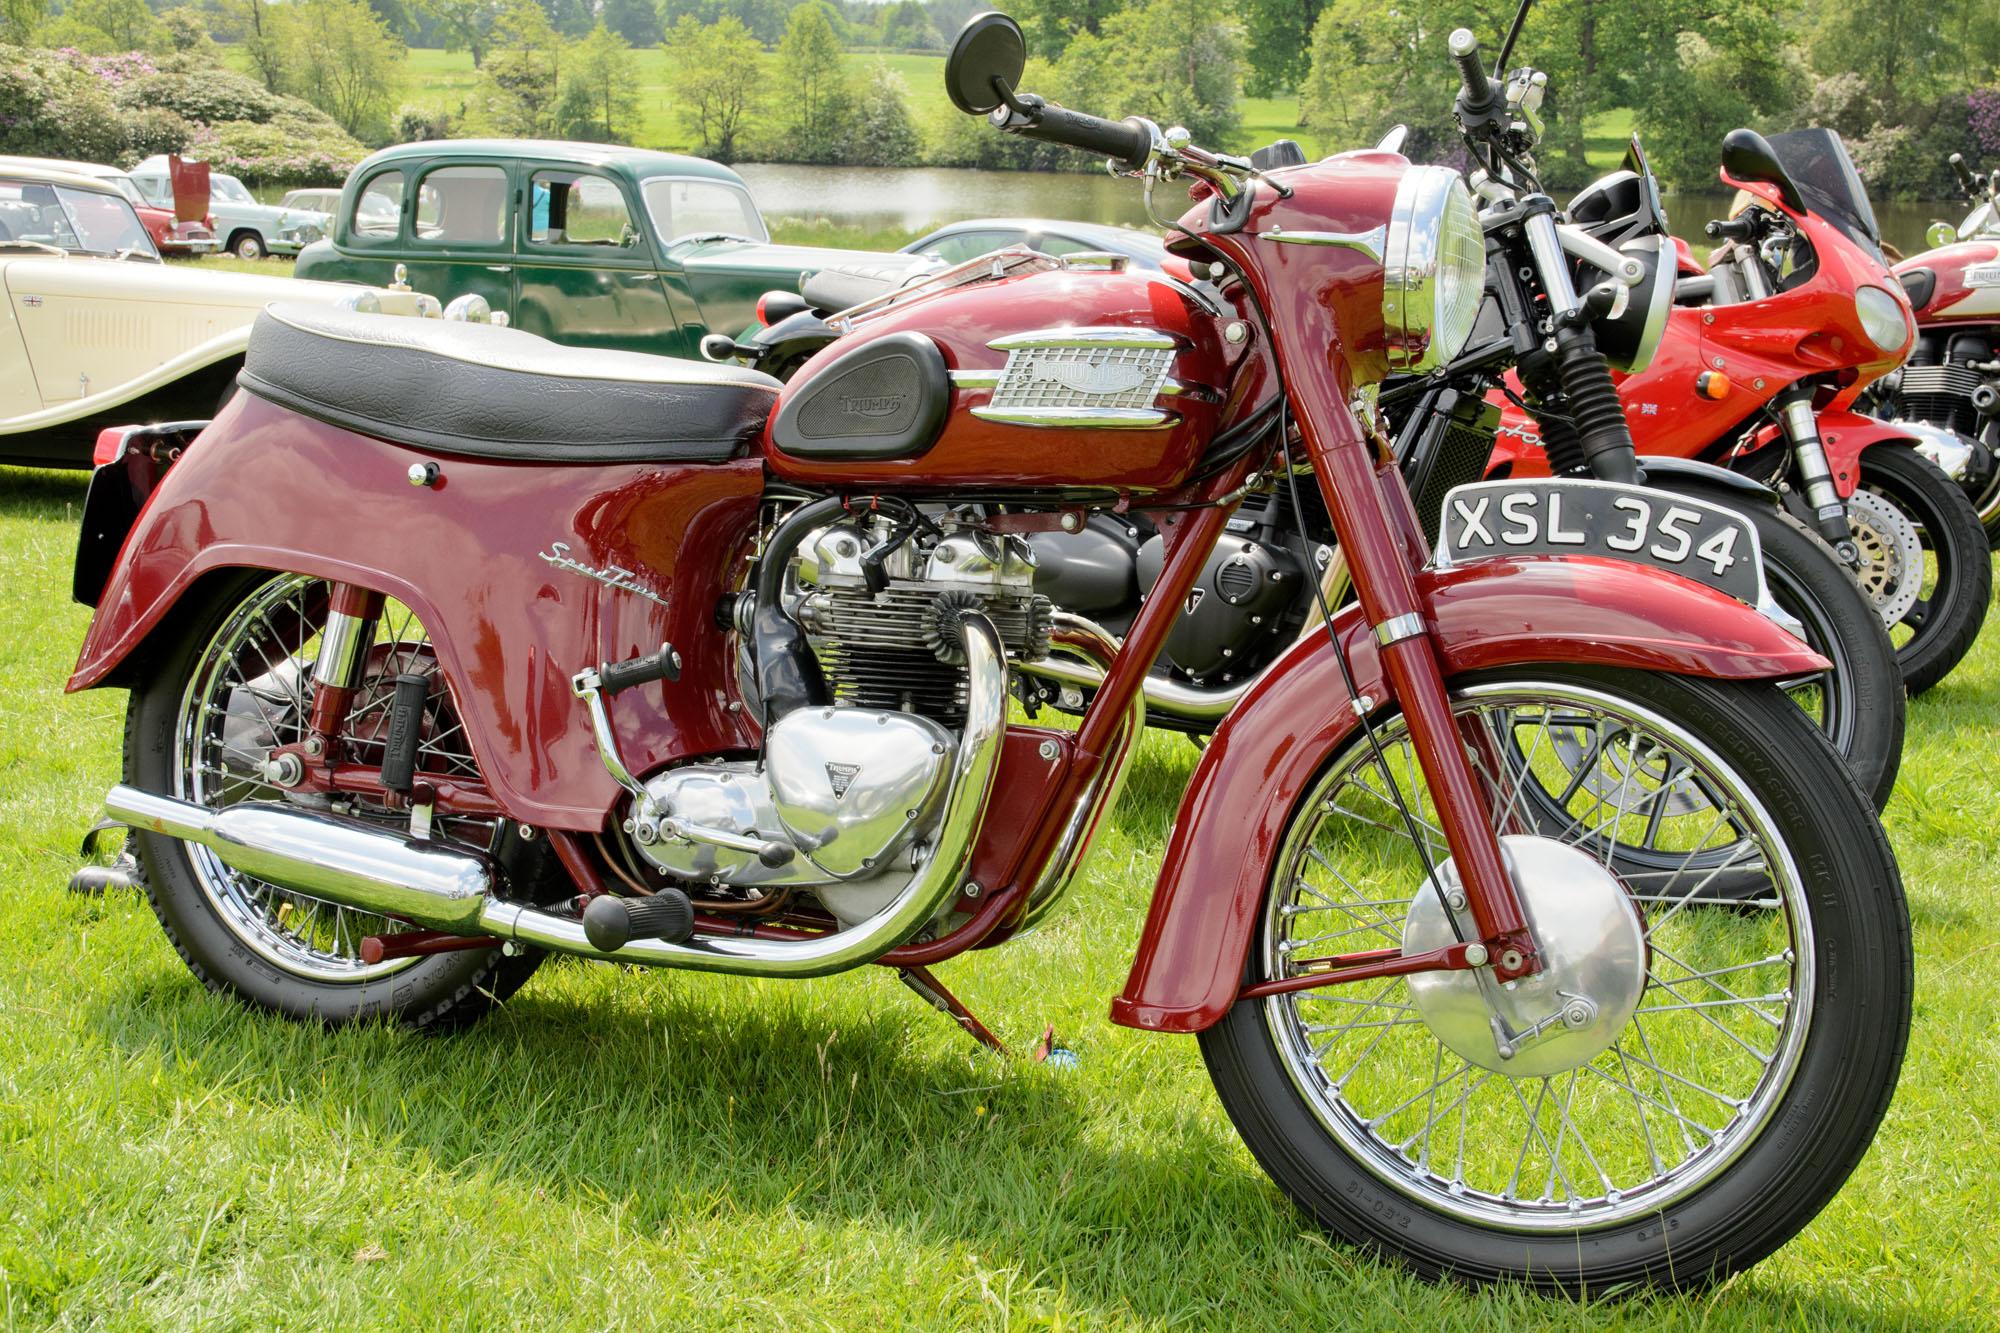 Triumph_5TA_Speed_Twin_(1960)_-_27634399